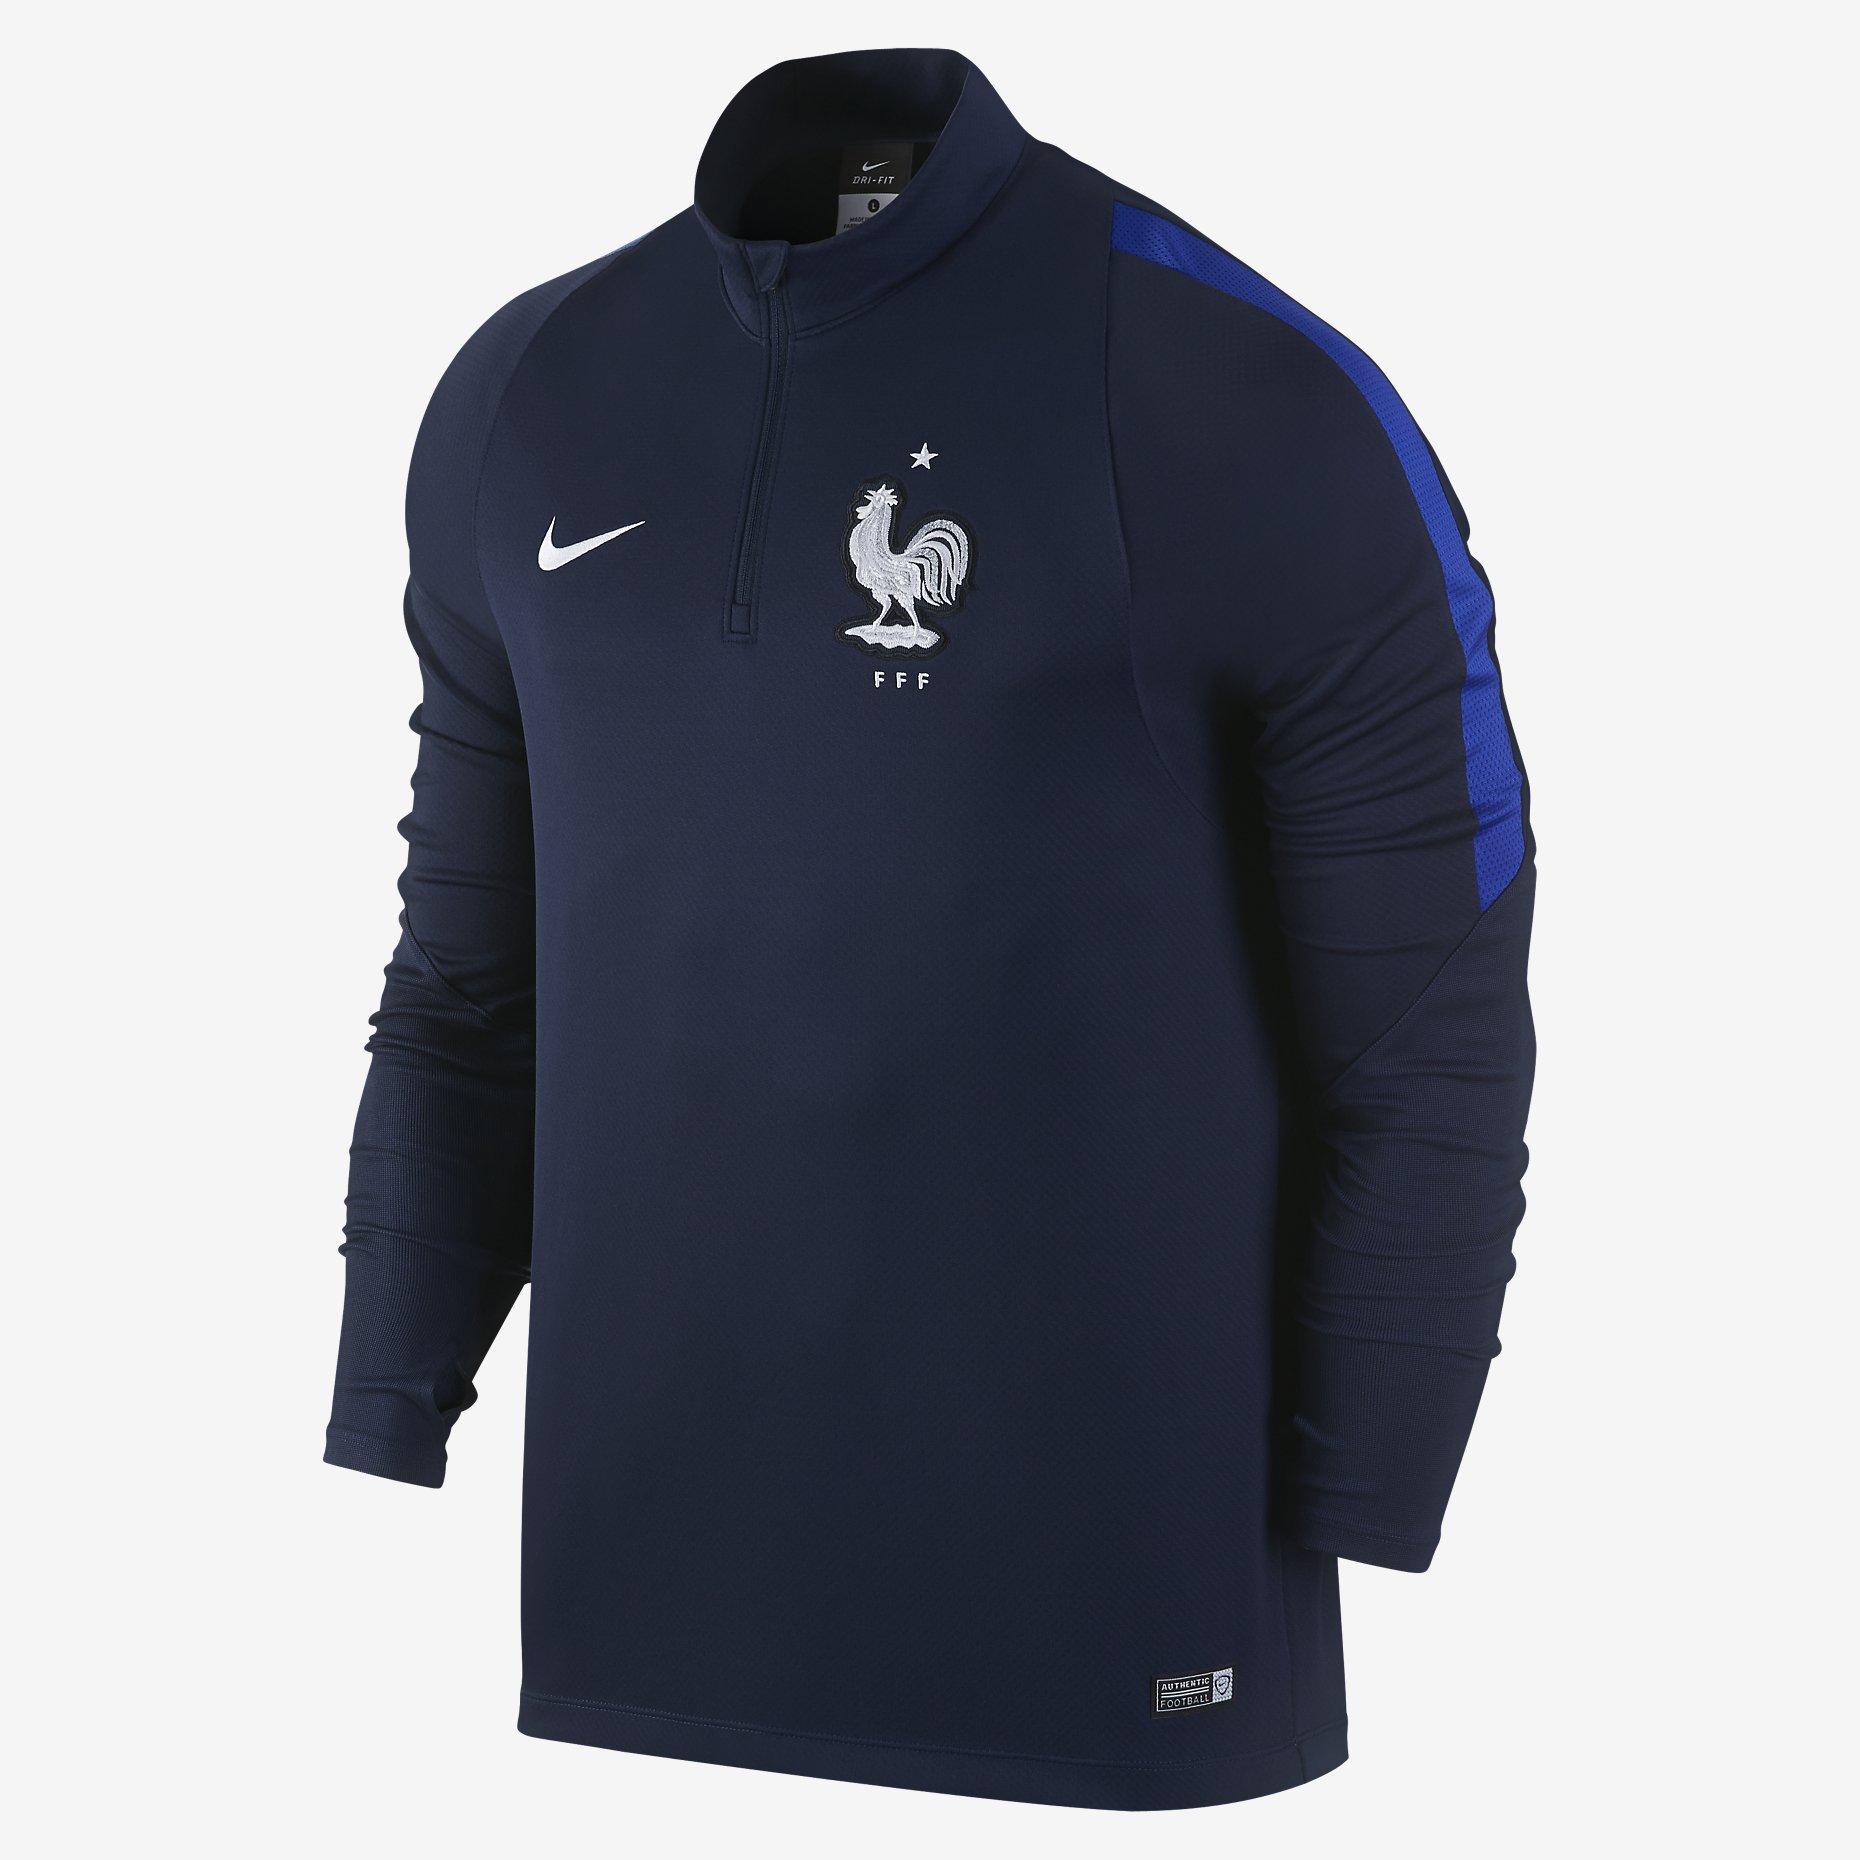 Survetement Equipe L France Nike De wqXqtxzRr